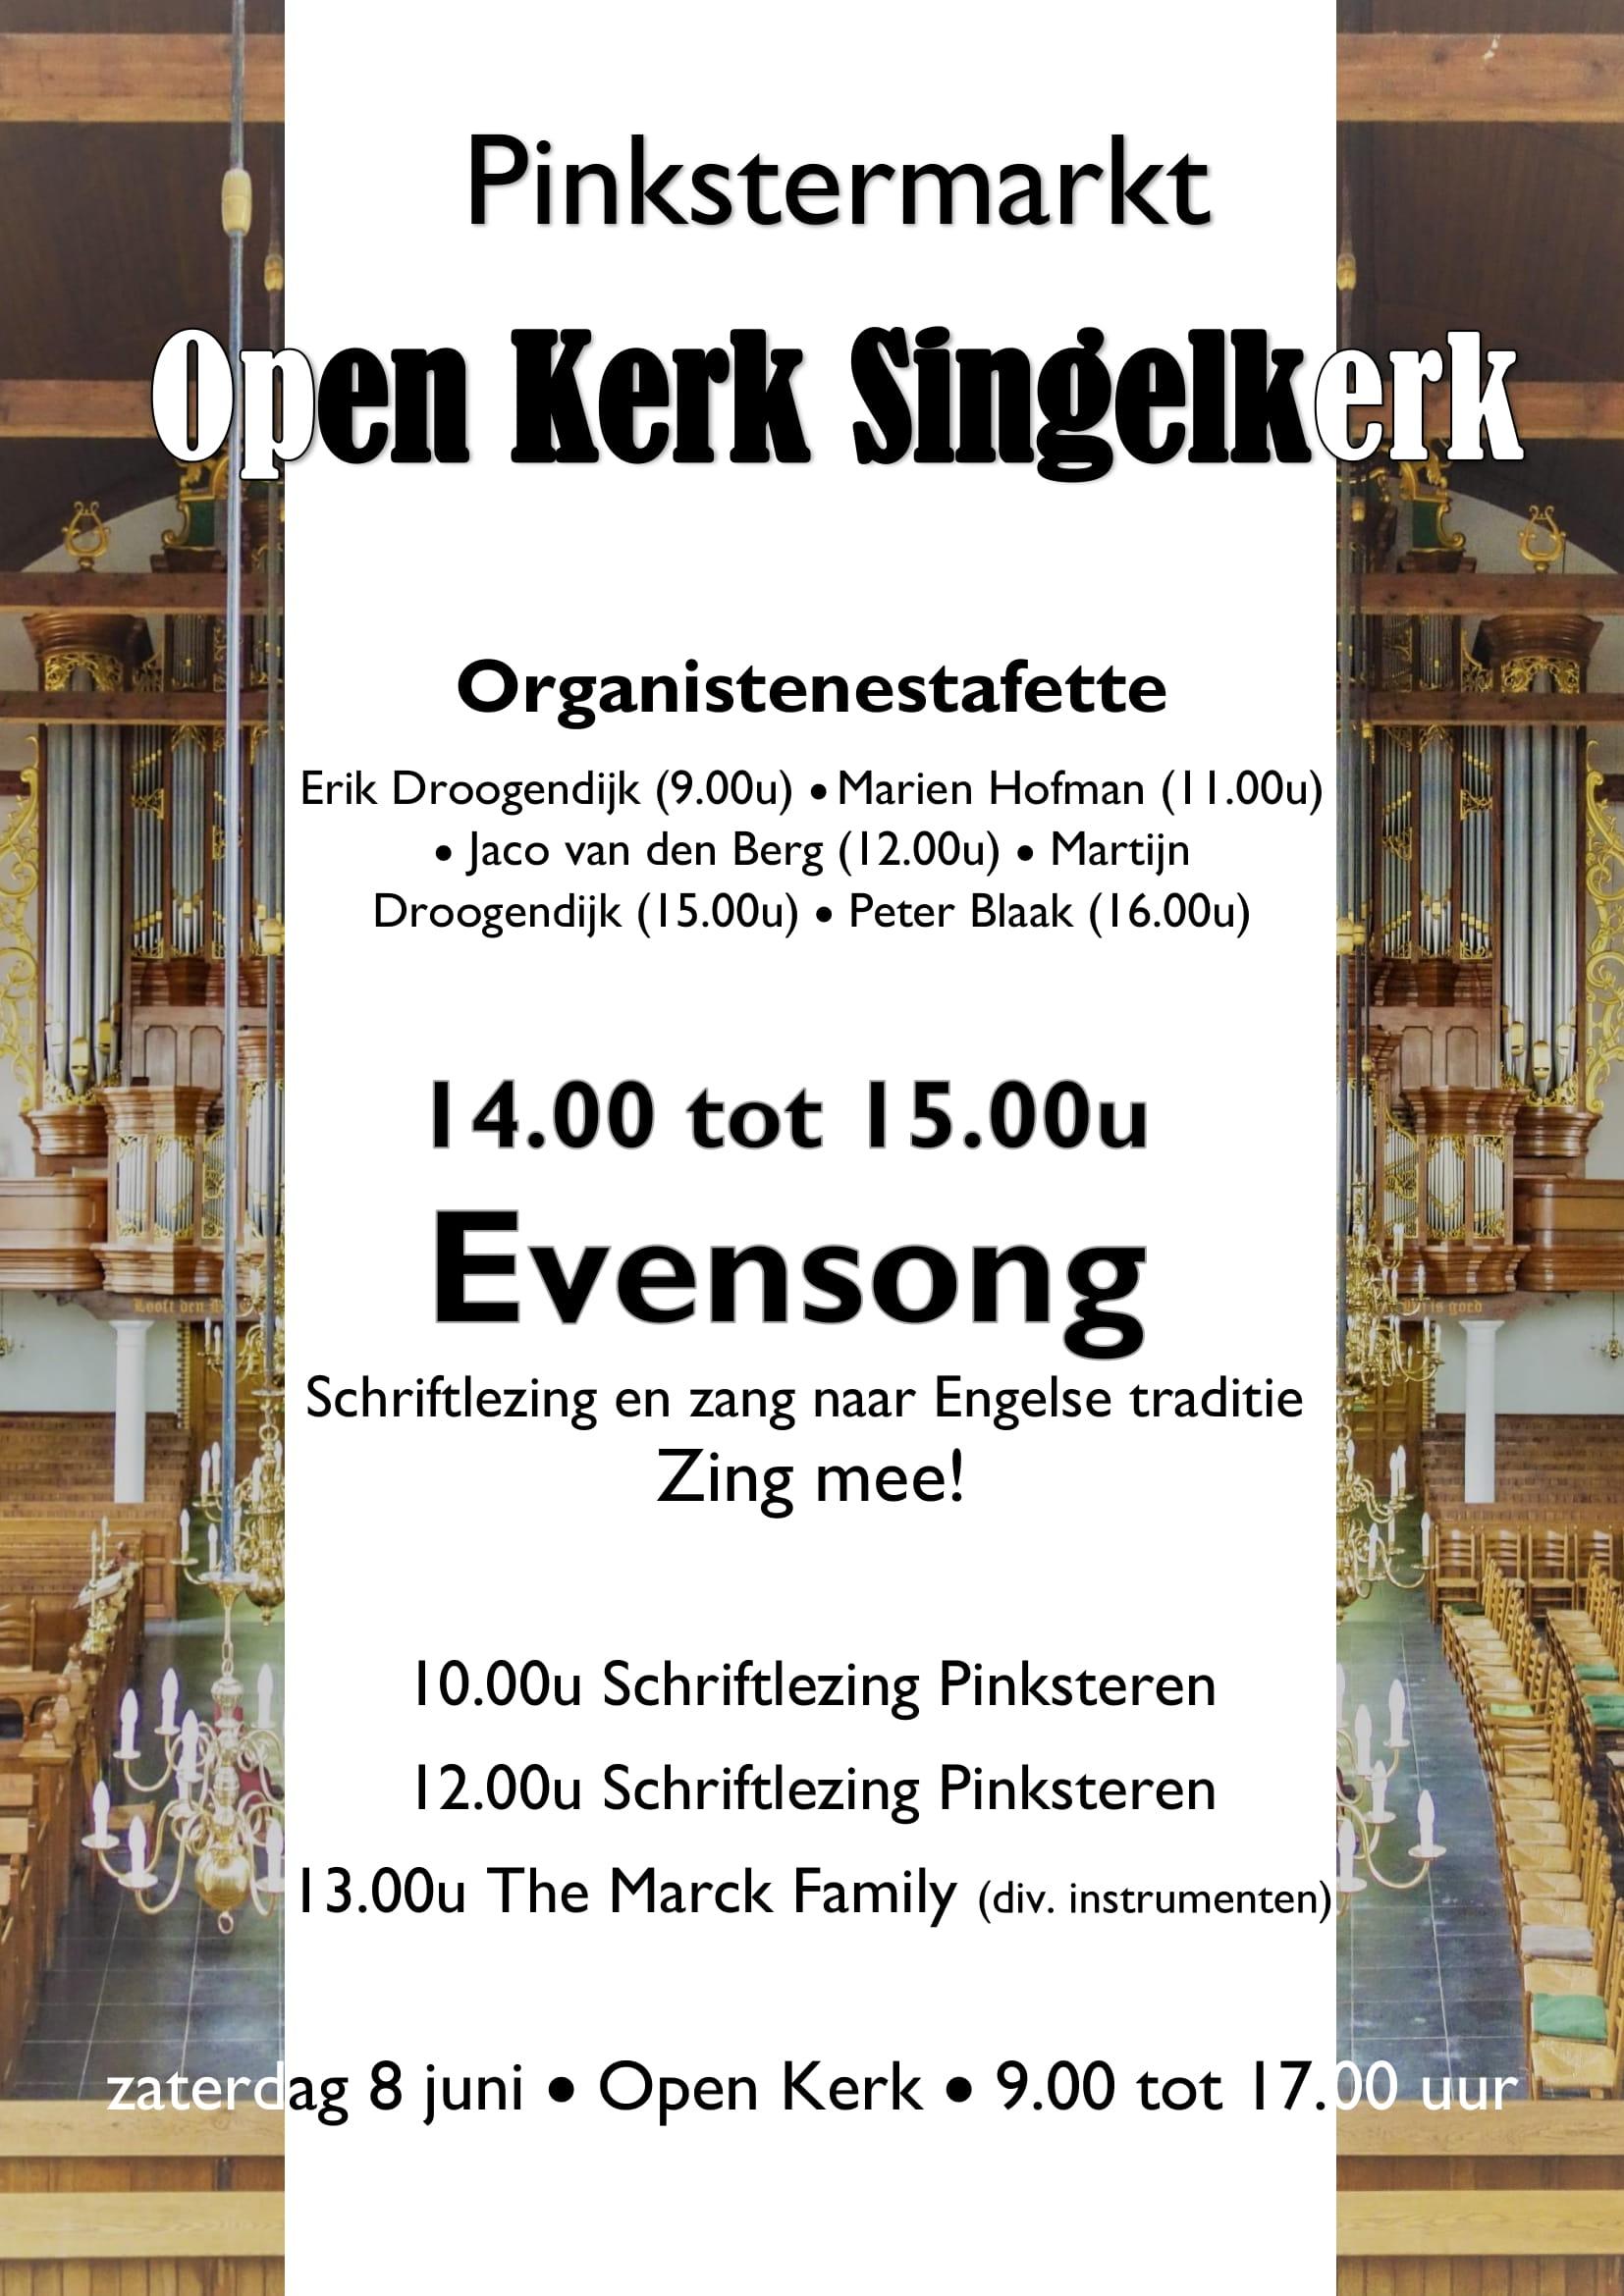 Open Kerk v Pinkstermarkt poster 1